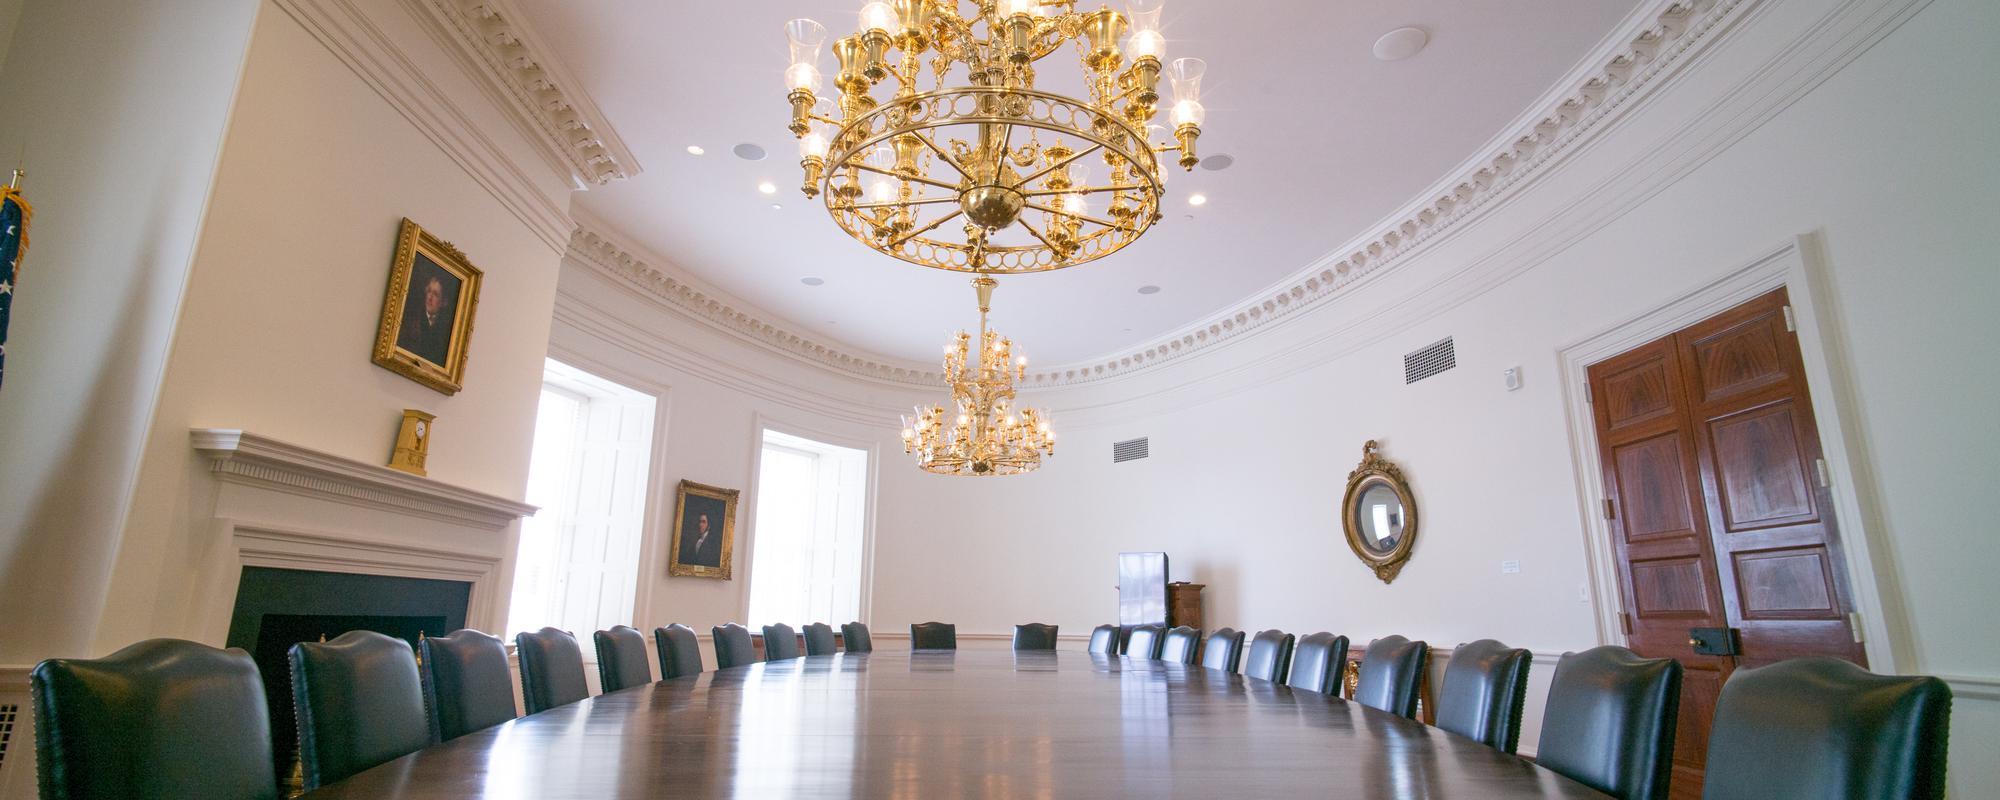 UVA Board Room